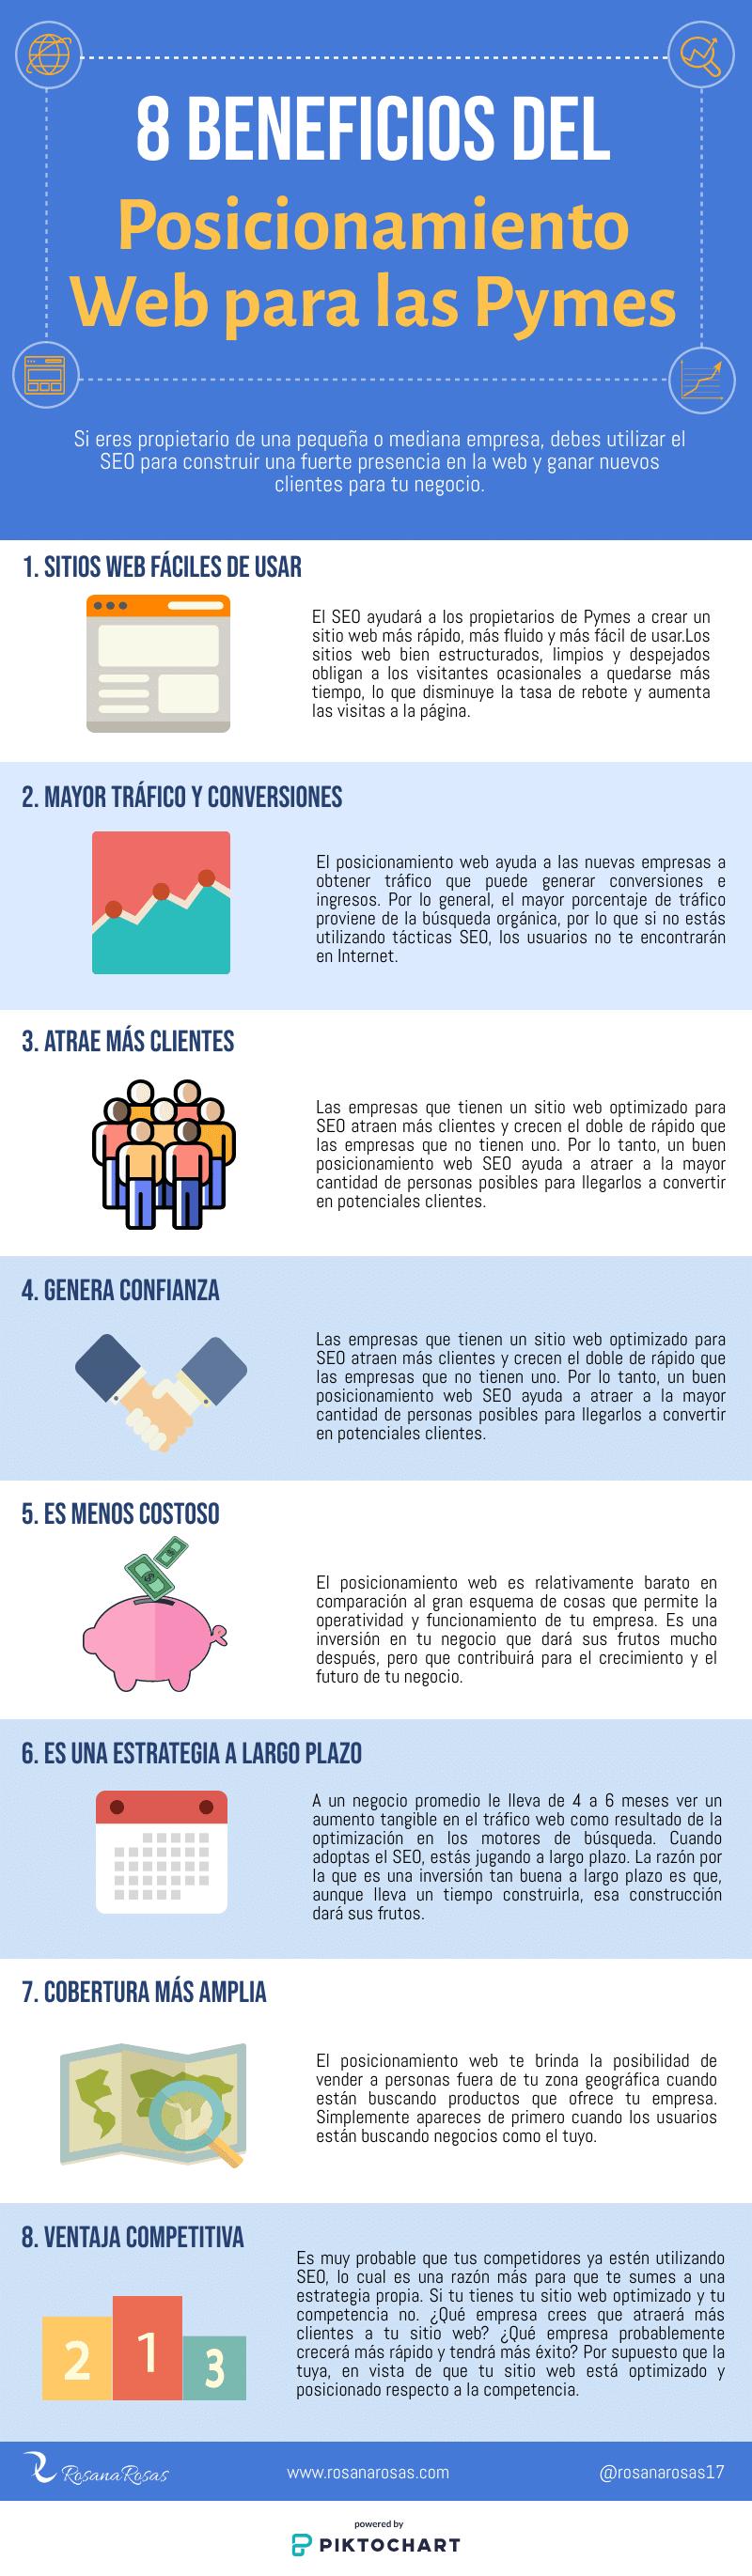 Infografía 8 Beneficios del Posicionamiento Web para las Pymes